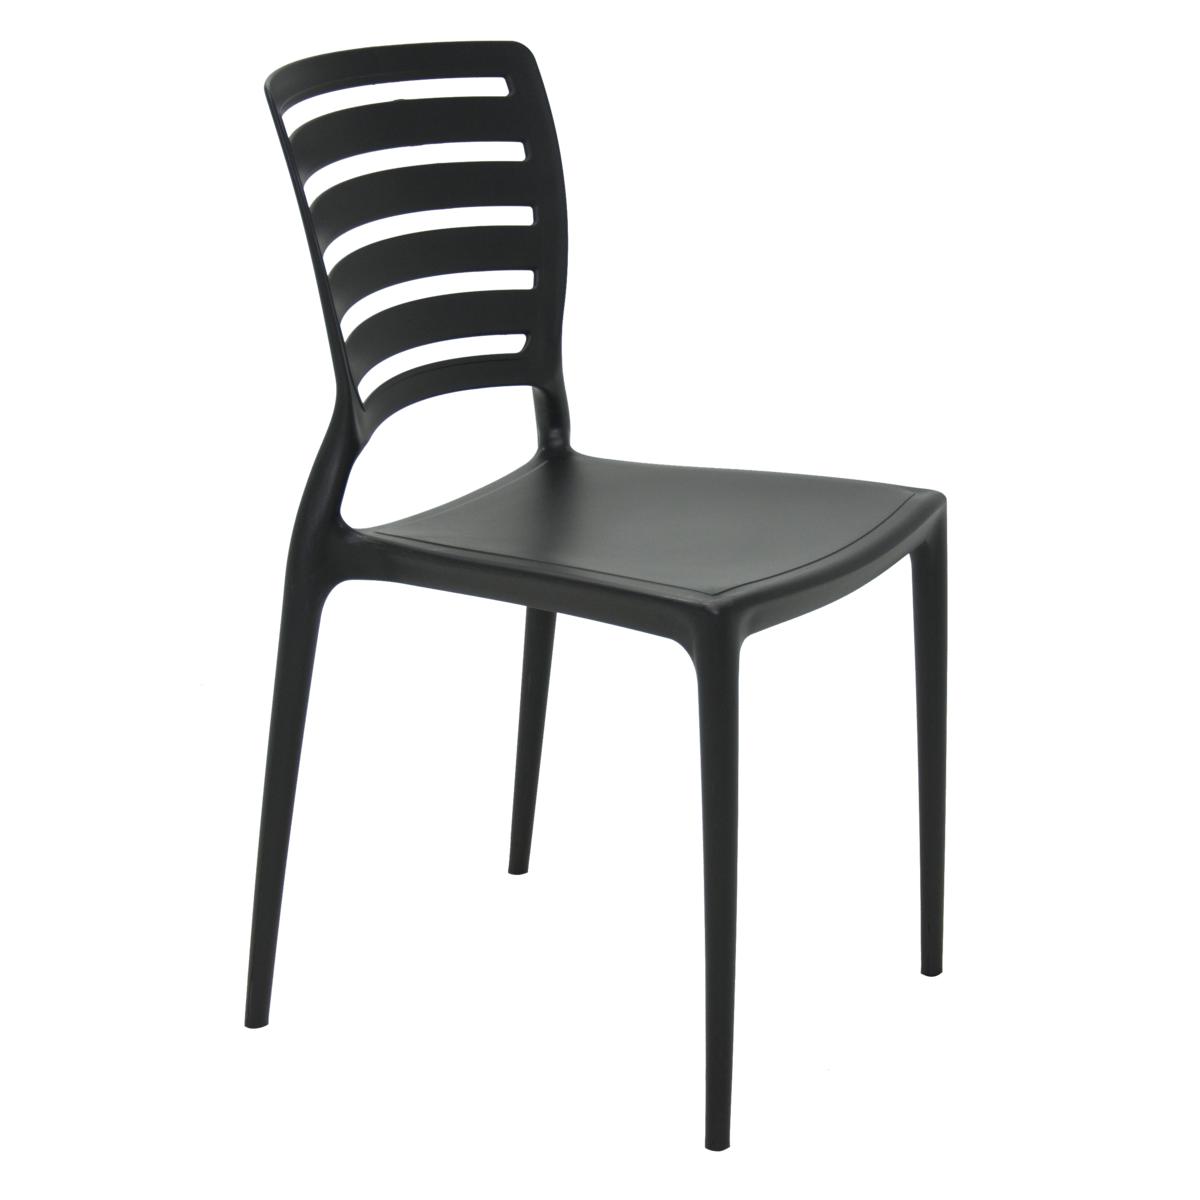 Cadeira Tramontina Sofia Encosto Vazado Preto 92237/009 1 Peça